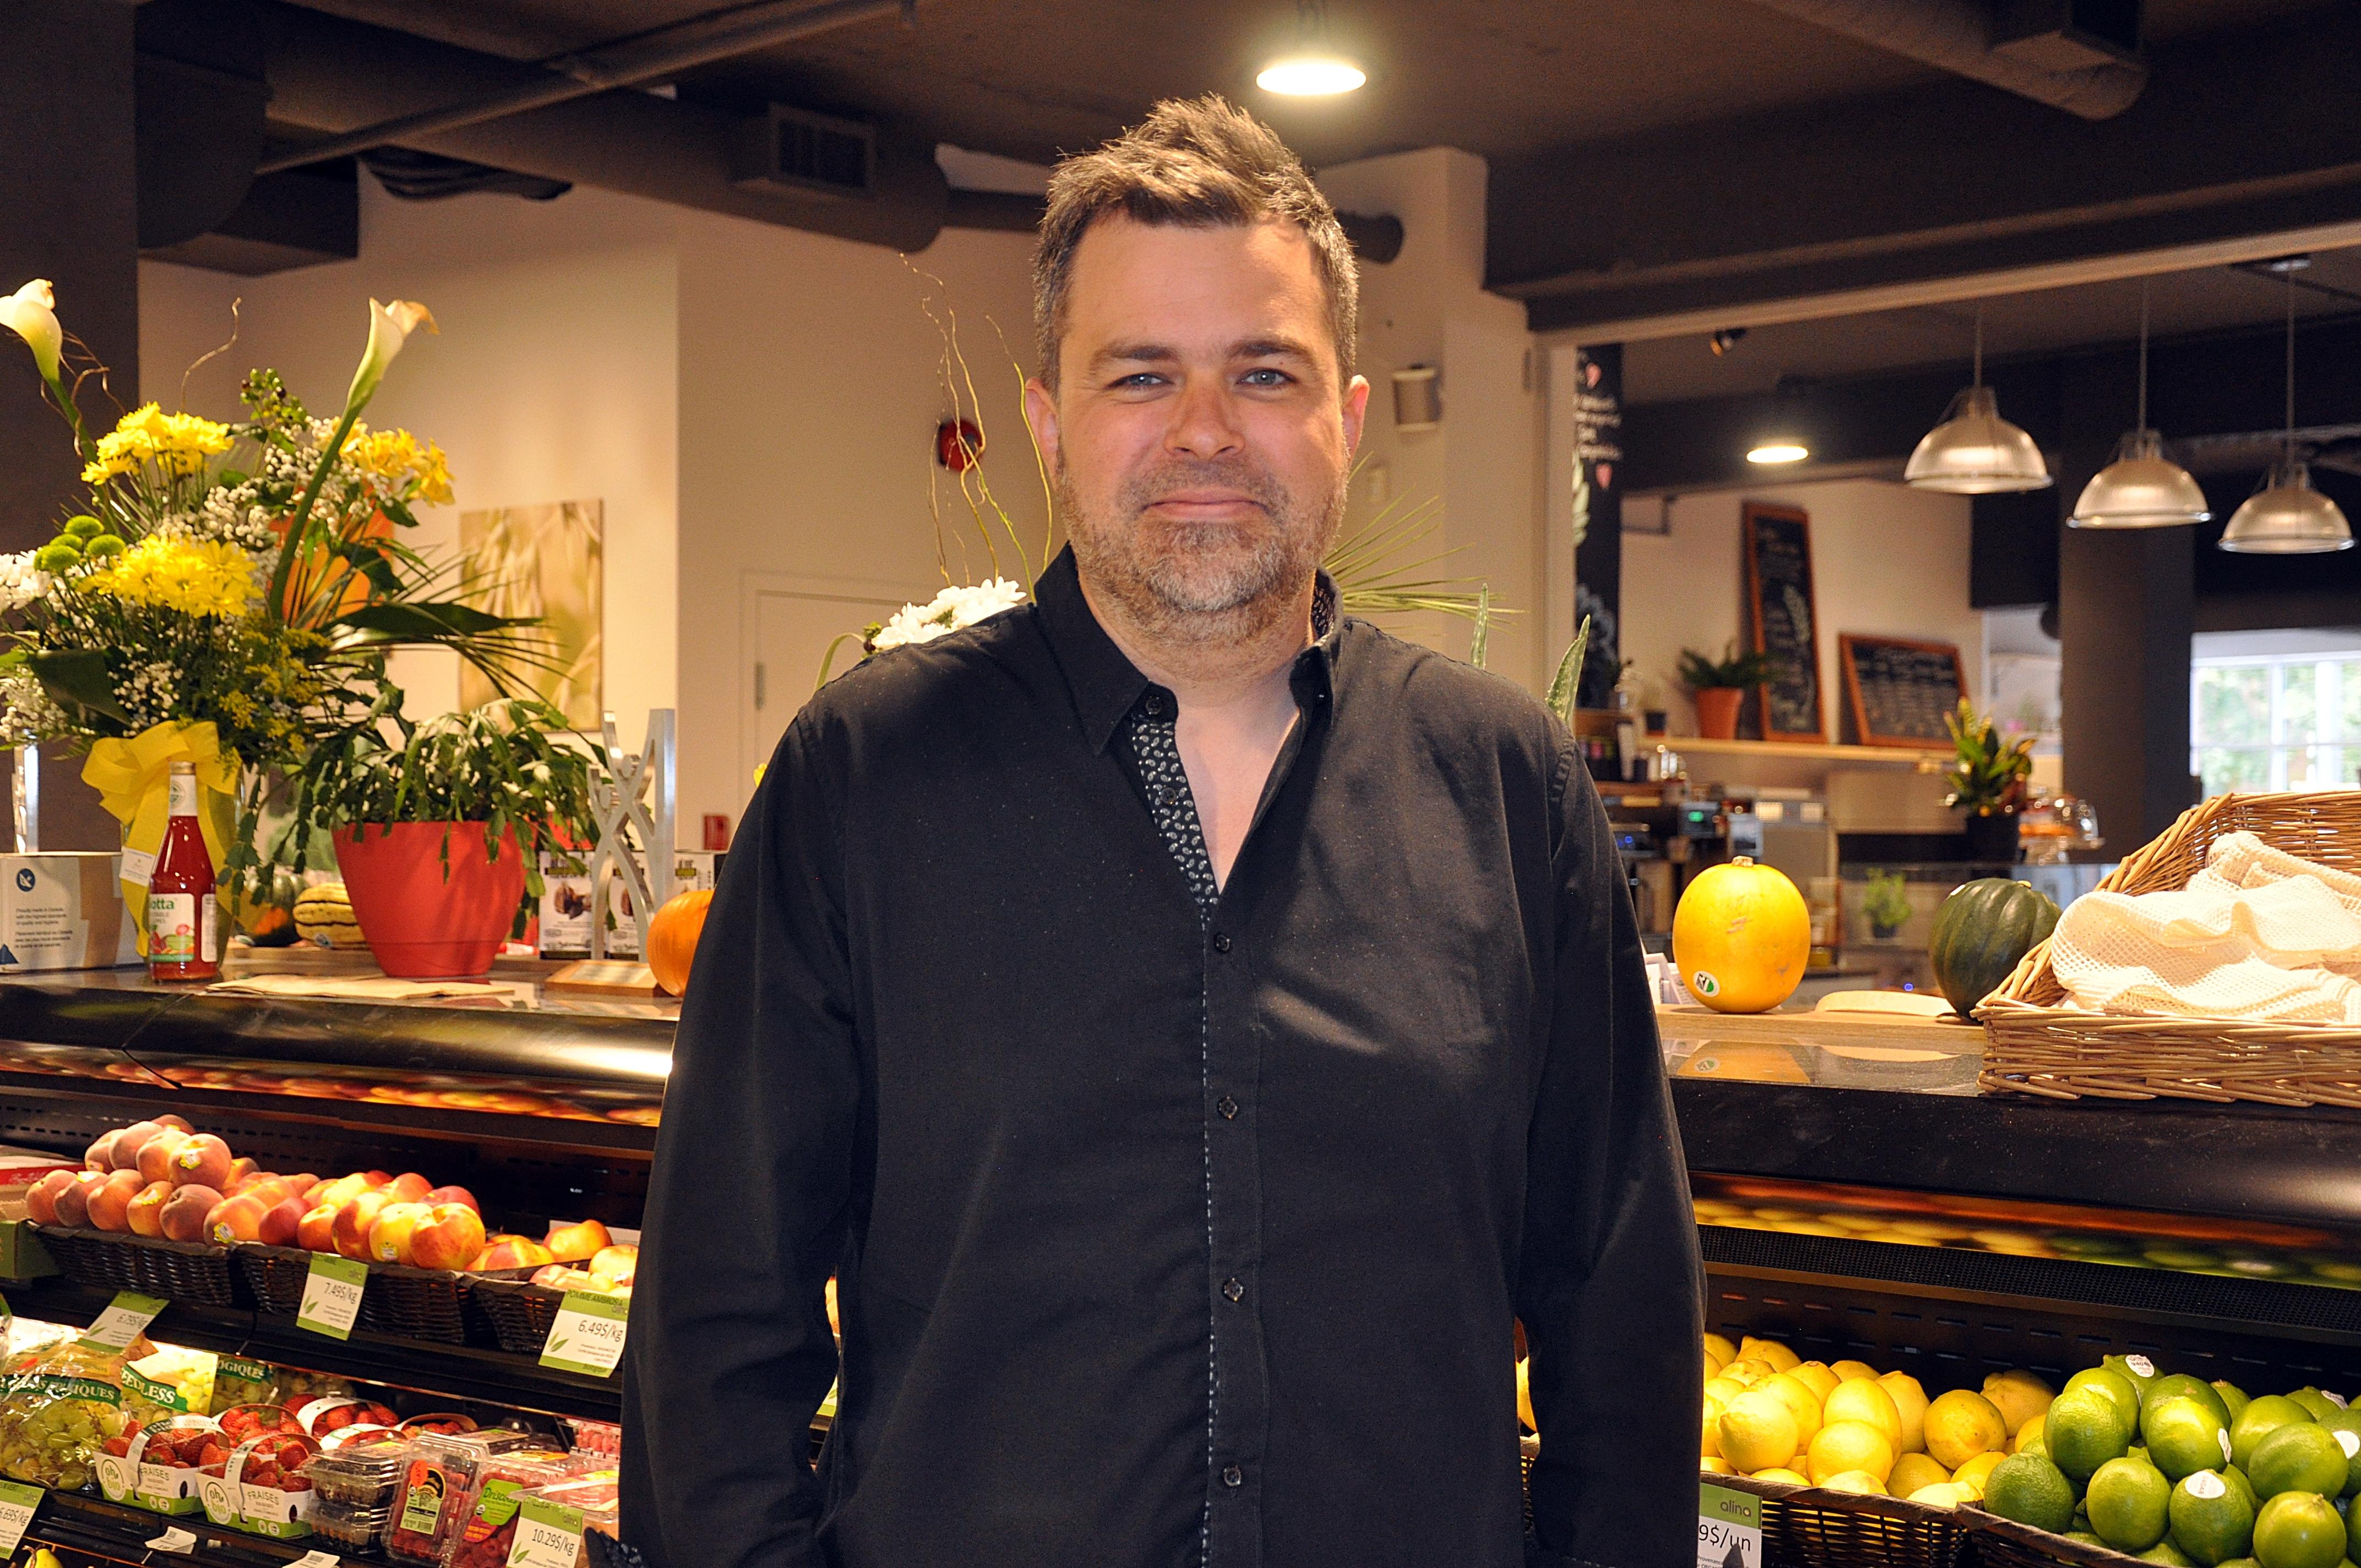 Olivier Riopel